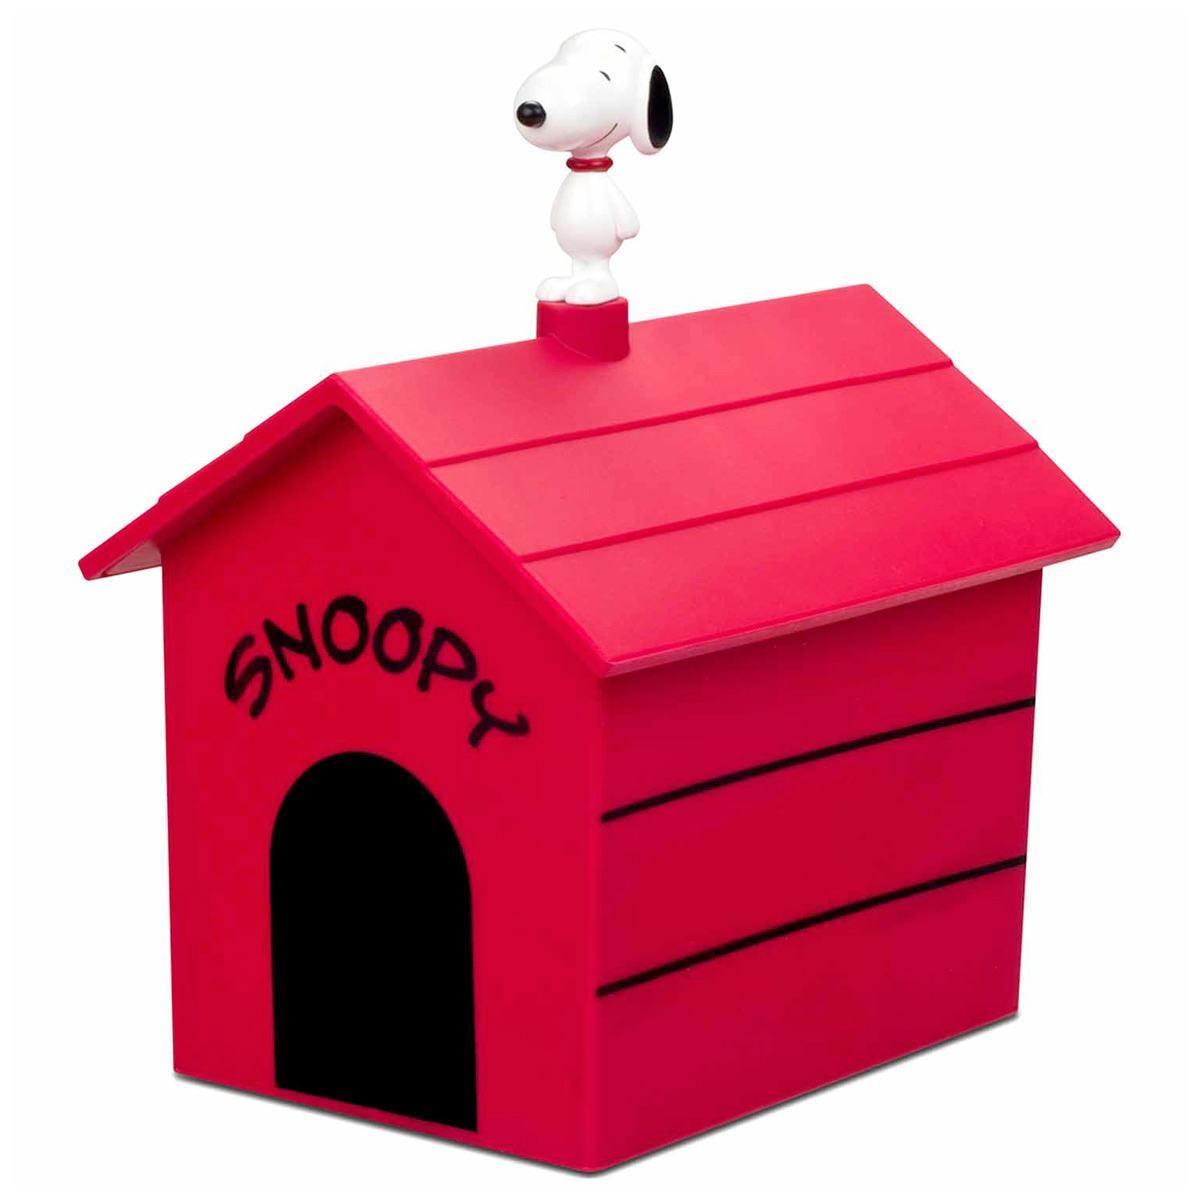 Pipoqueira-de-microondas-Snoopy-House-Popcorn-Popper-03